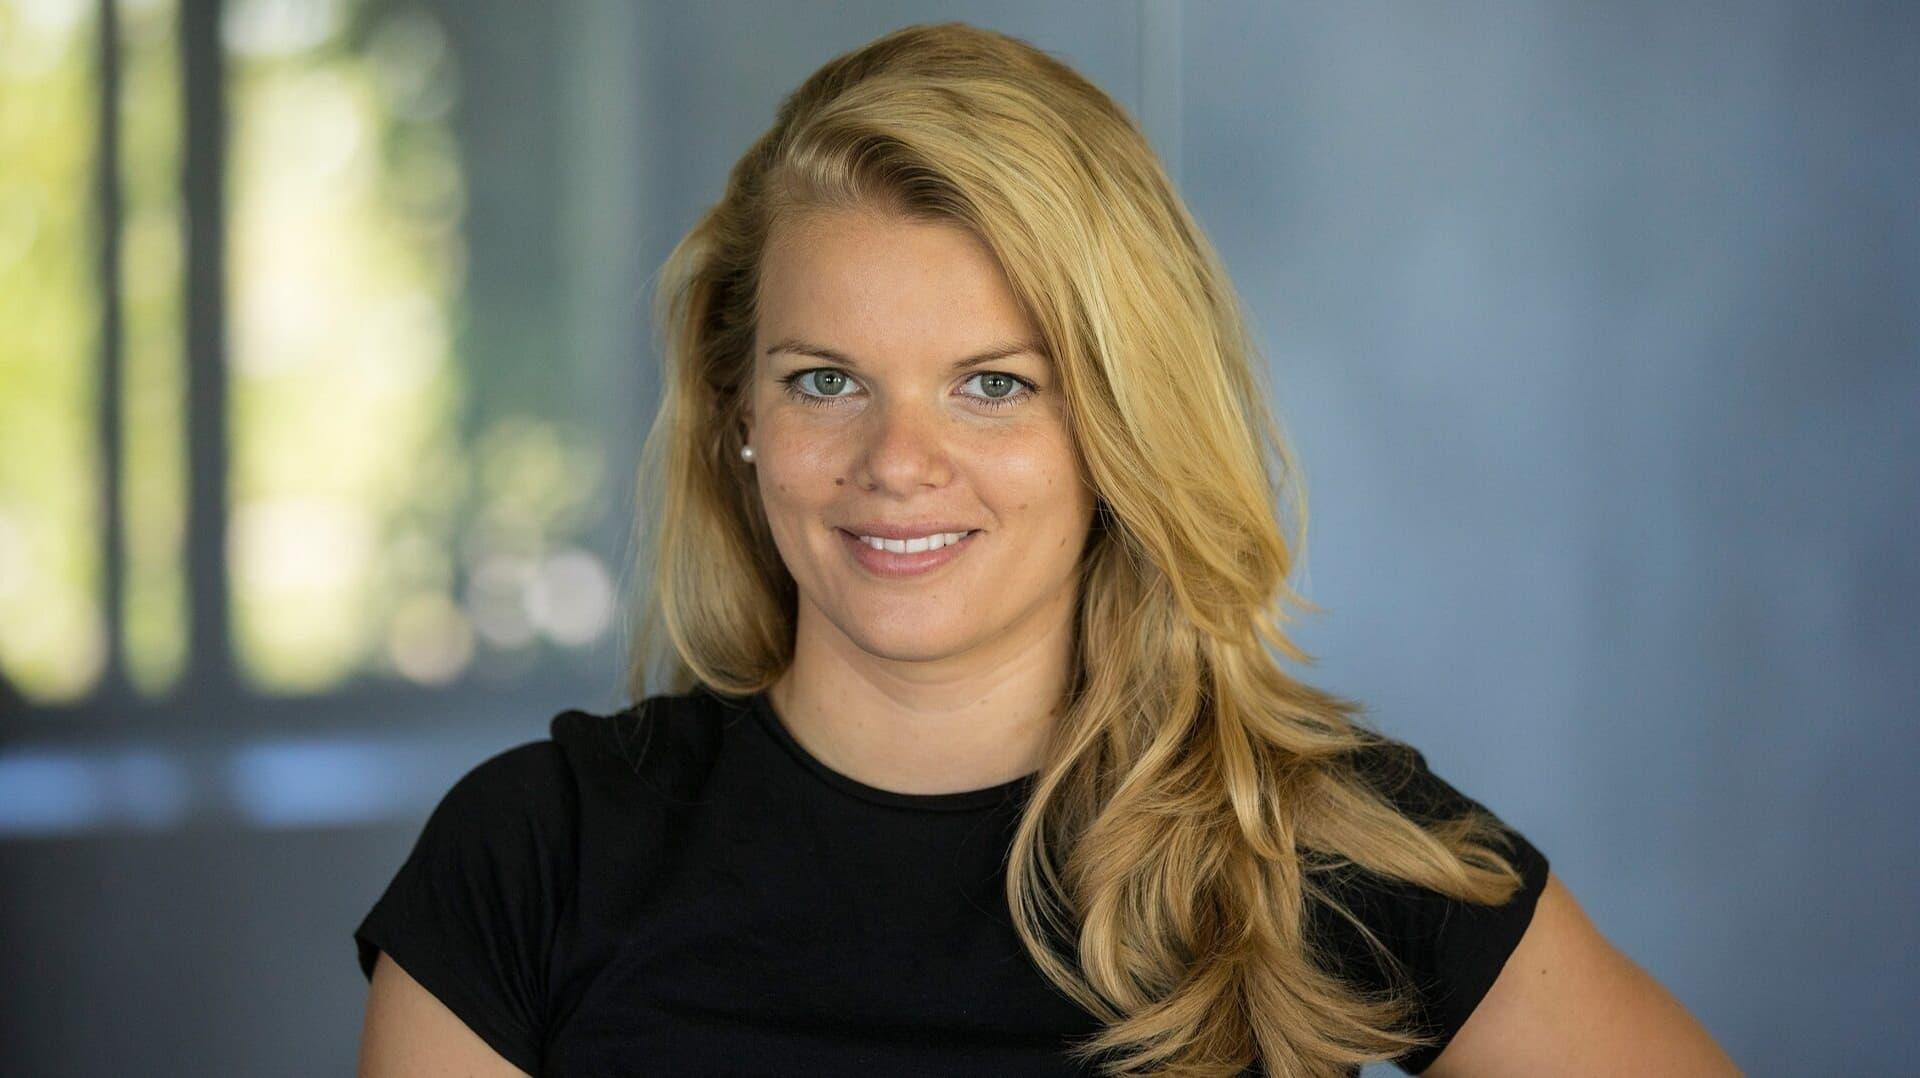 Stephanie Moßbacher